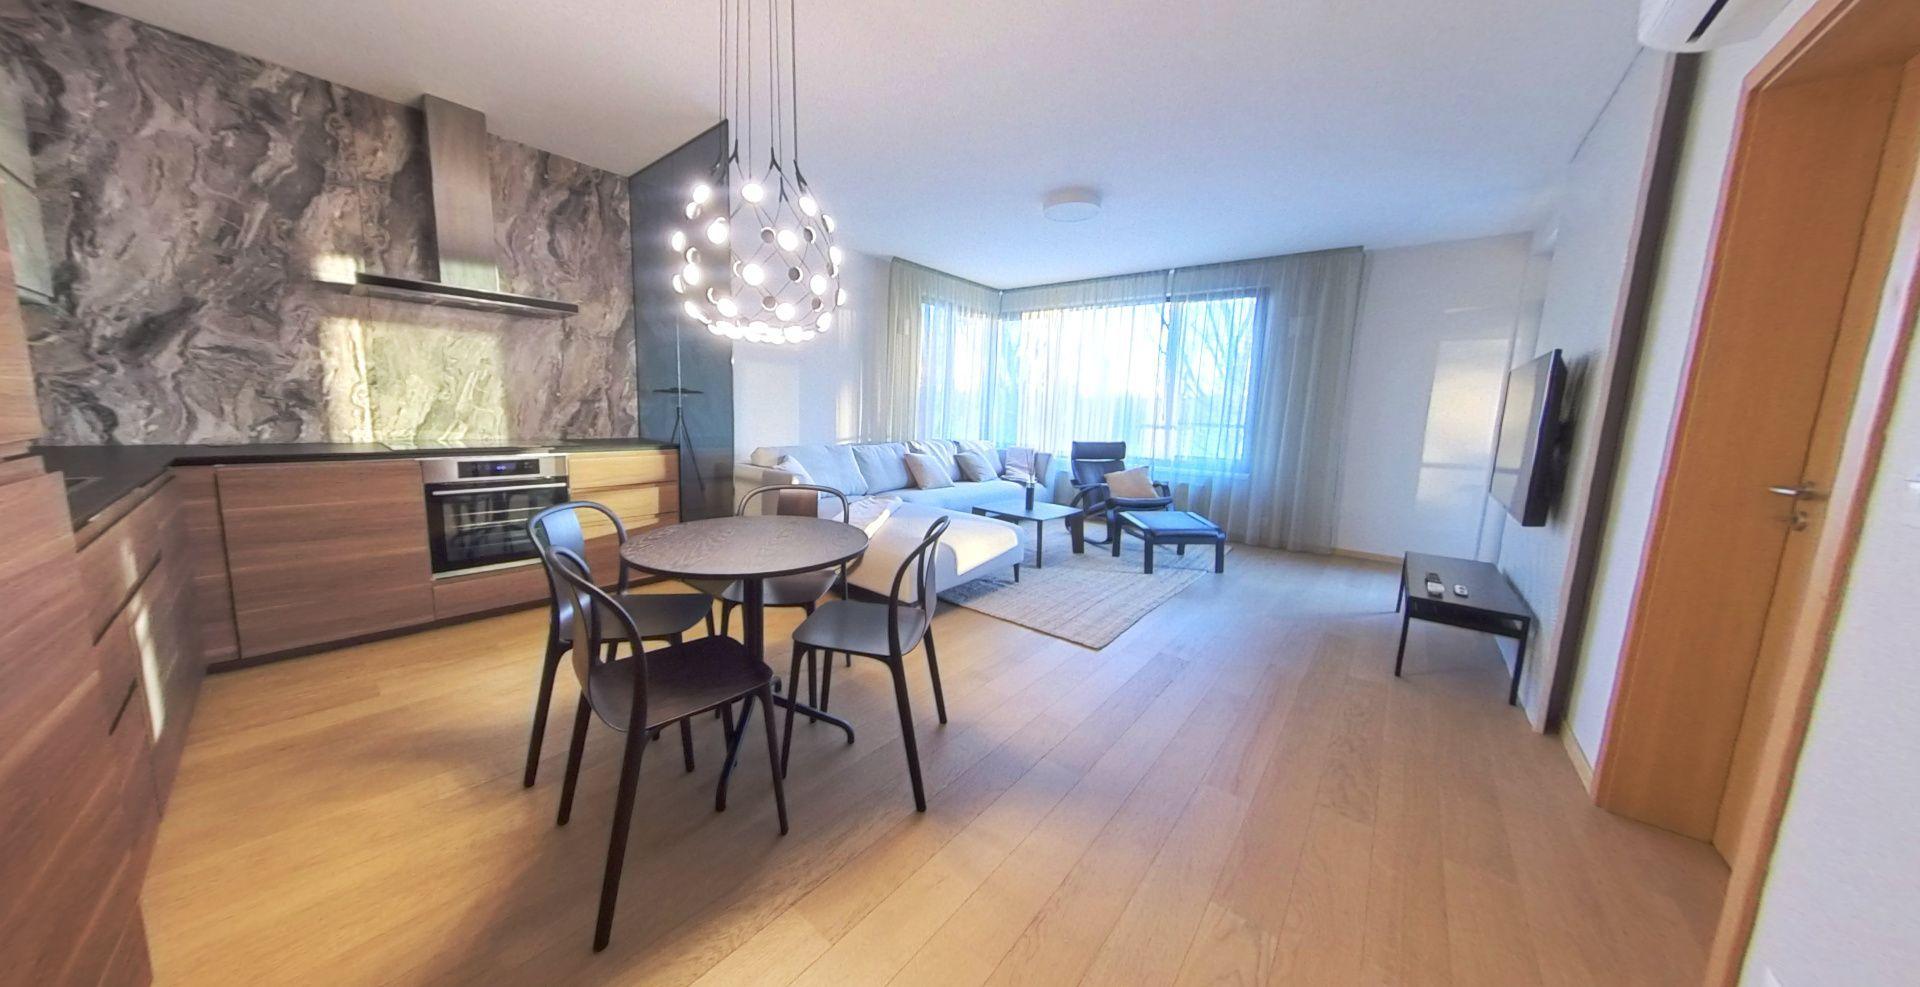 2-izbový byt-Prenájom-Bratislava - mestská časť Staré Mesto-890.00 €